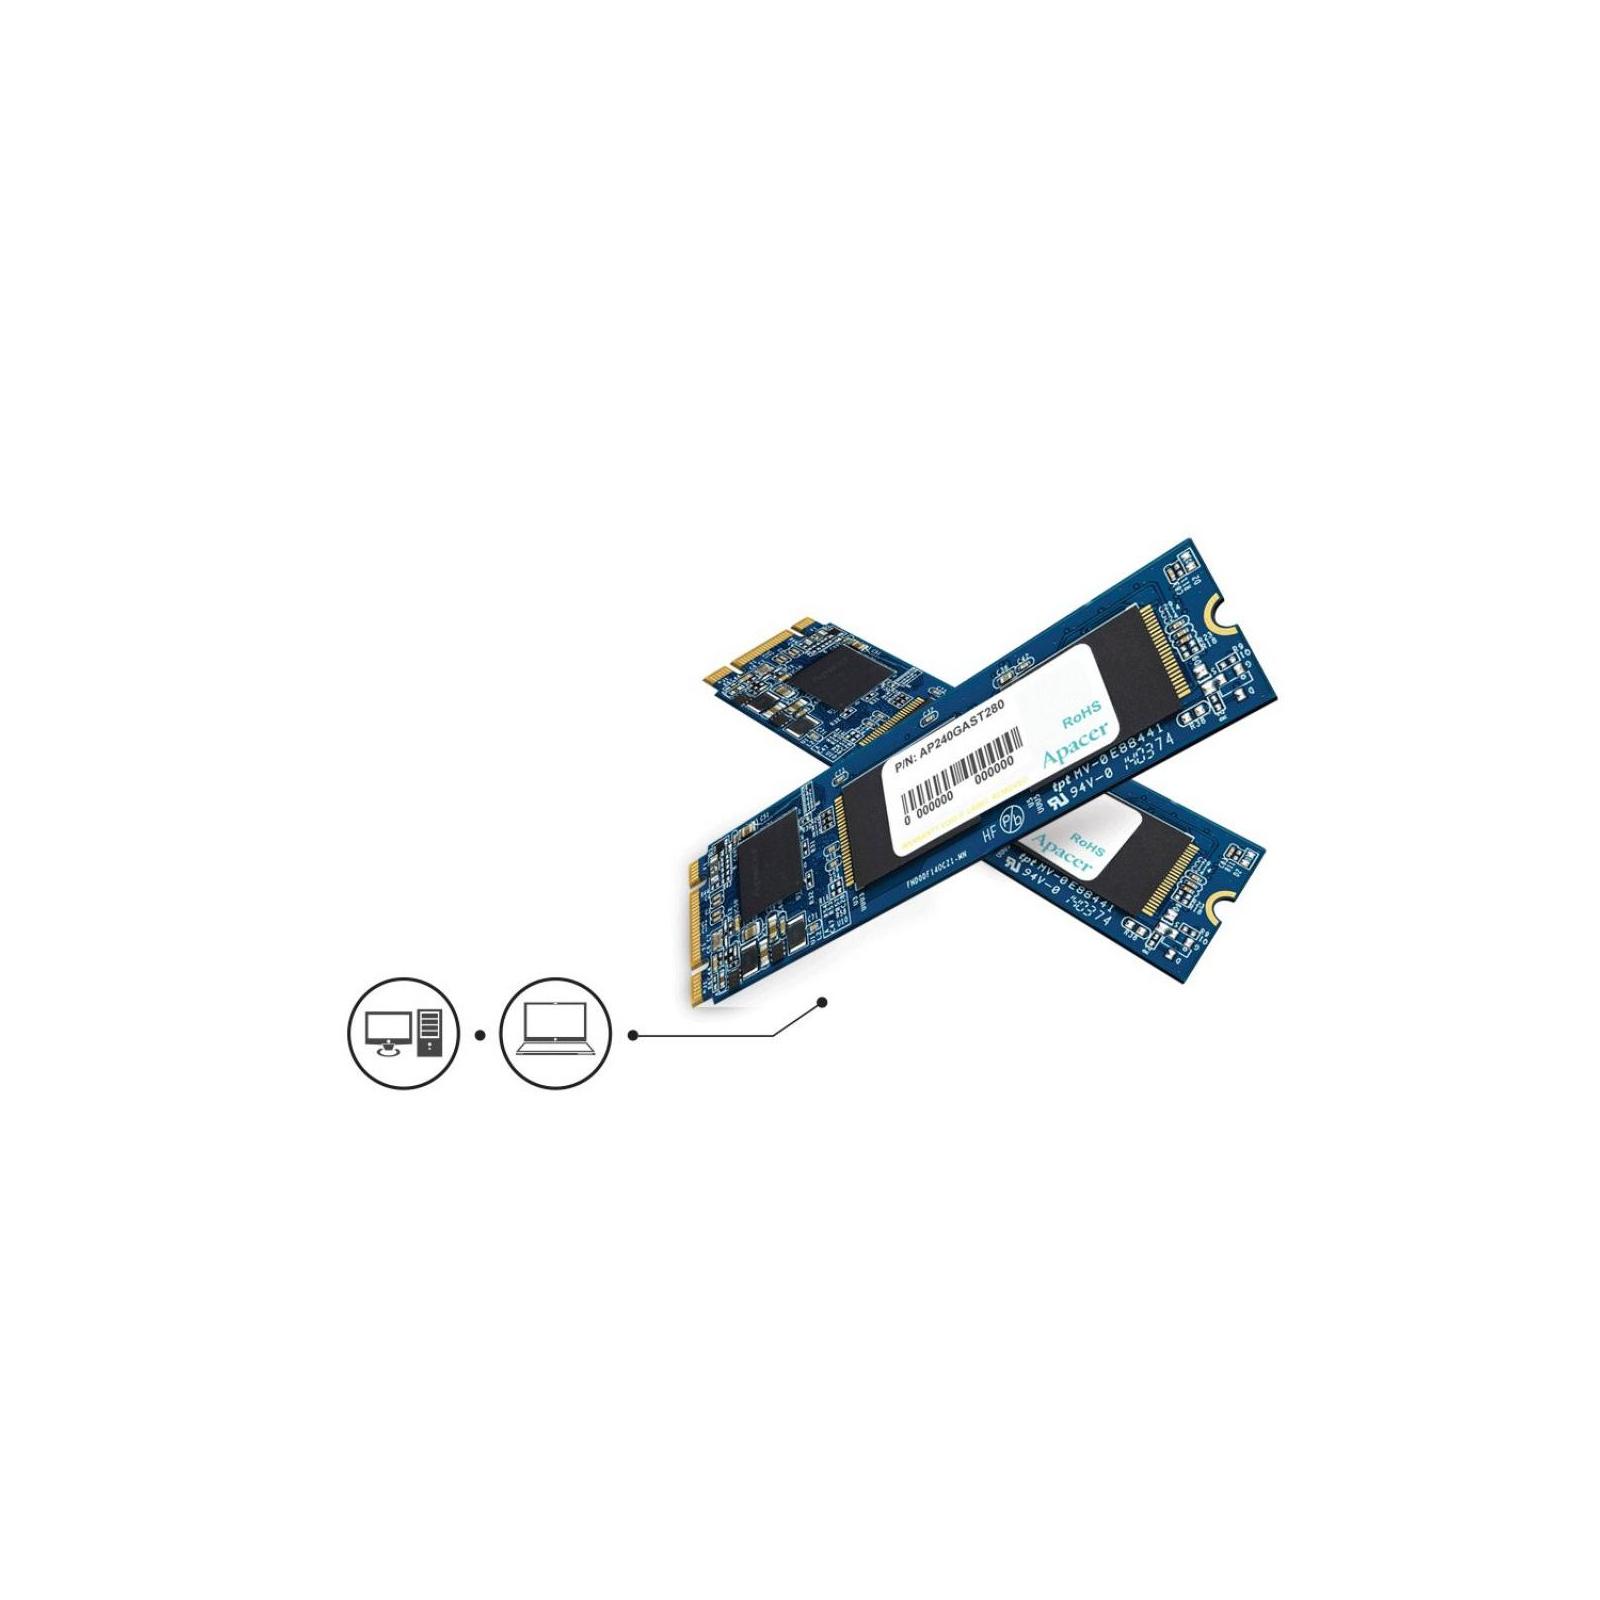 Накопитель SSD M.2 2280 240GB Apacer (AP240GAST280) изображение 2